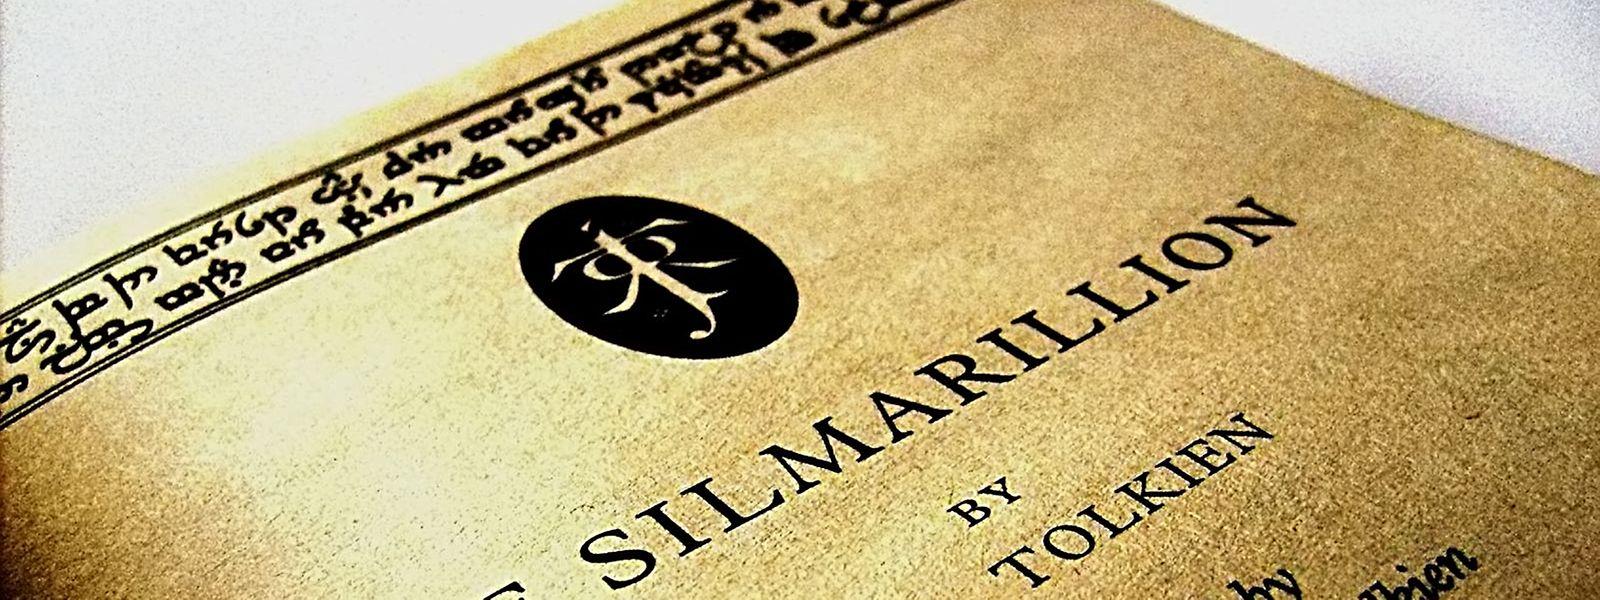 """""""Das Silmarillion"""" ist eine Sammlung unvollendeter Werke von J.R.R. Tolkien, die Christopher Tolkien nach dessen Tod herausbrachte."""